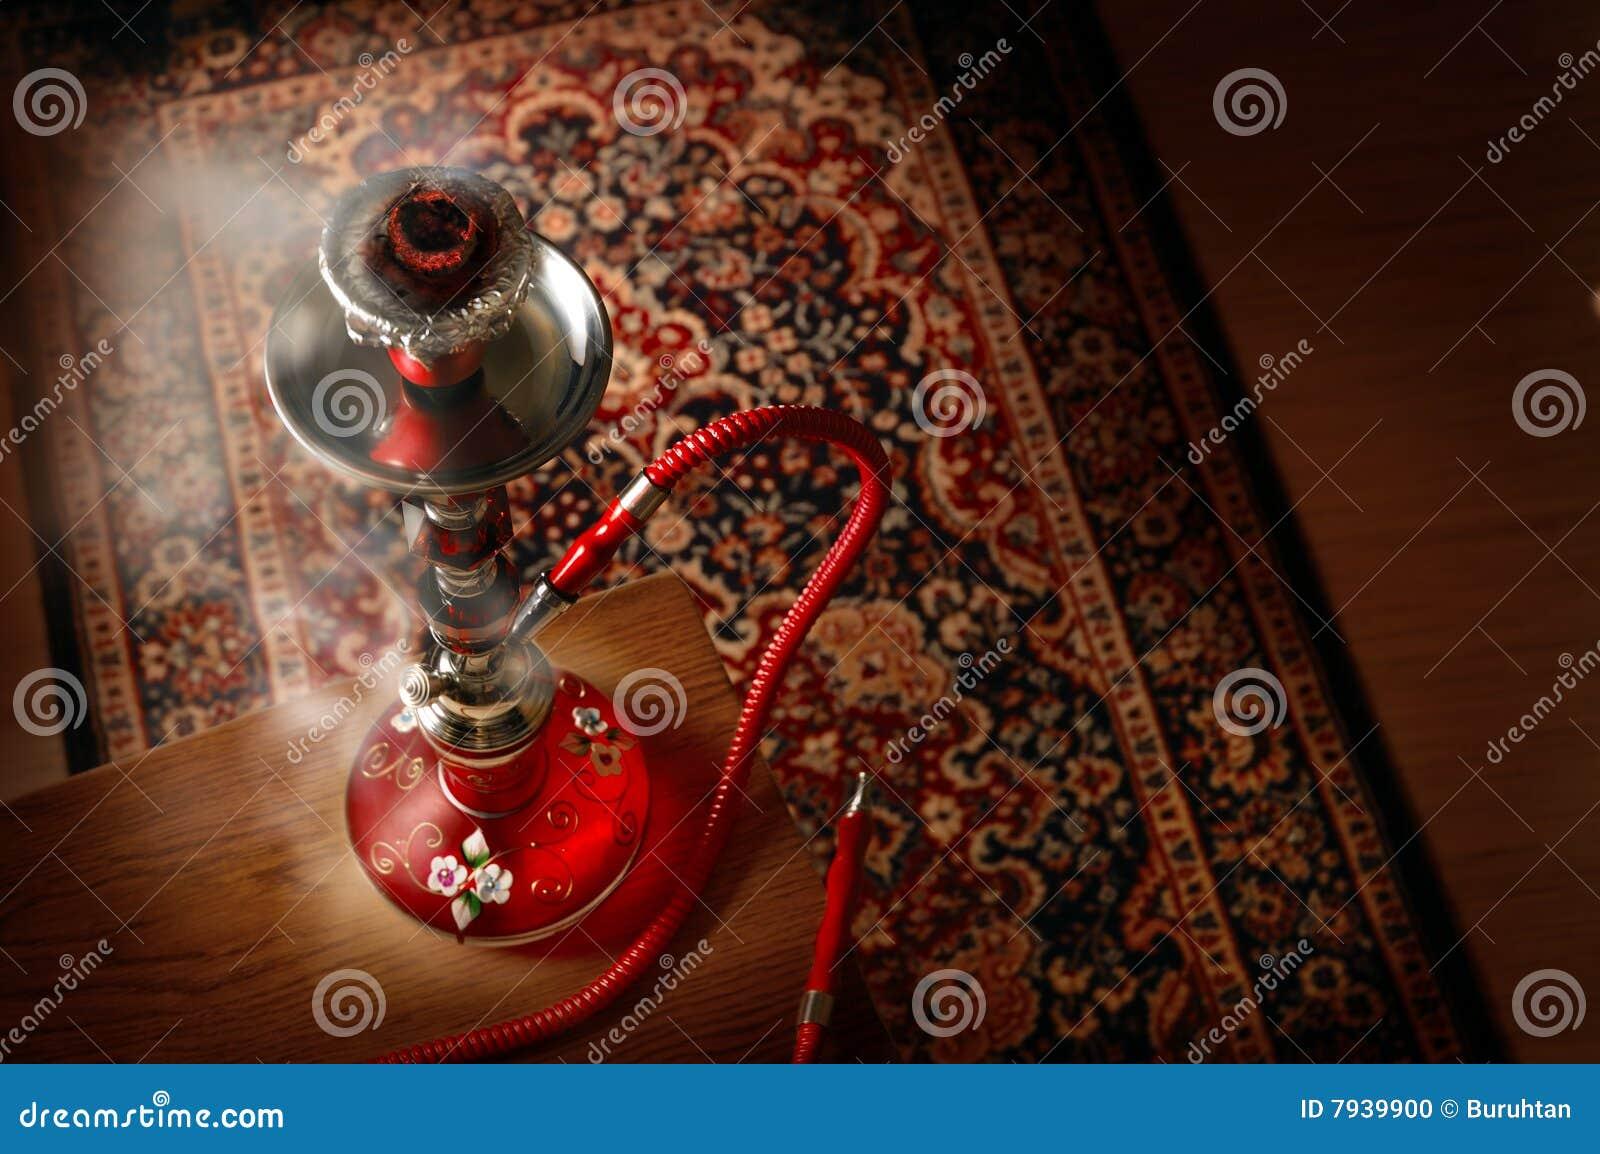 Hookah in smoke